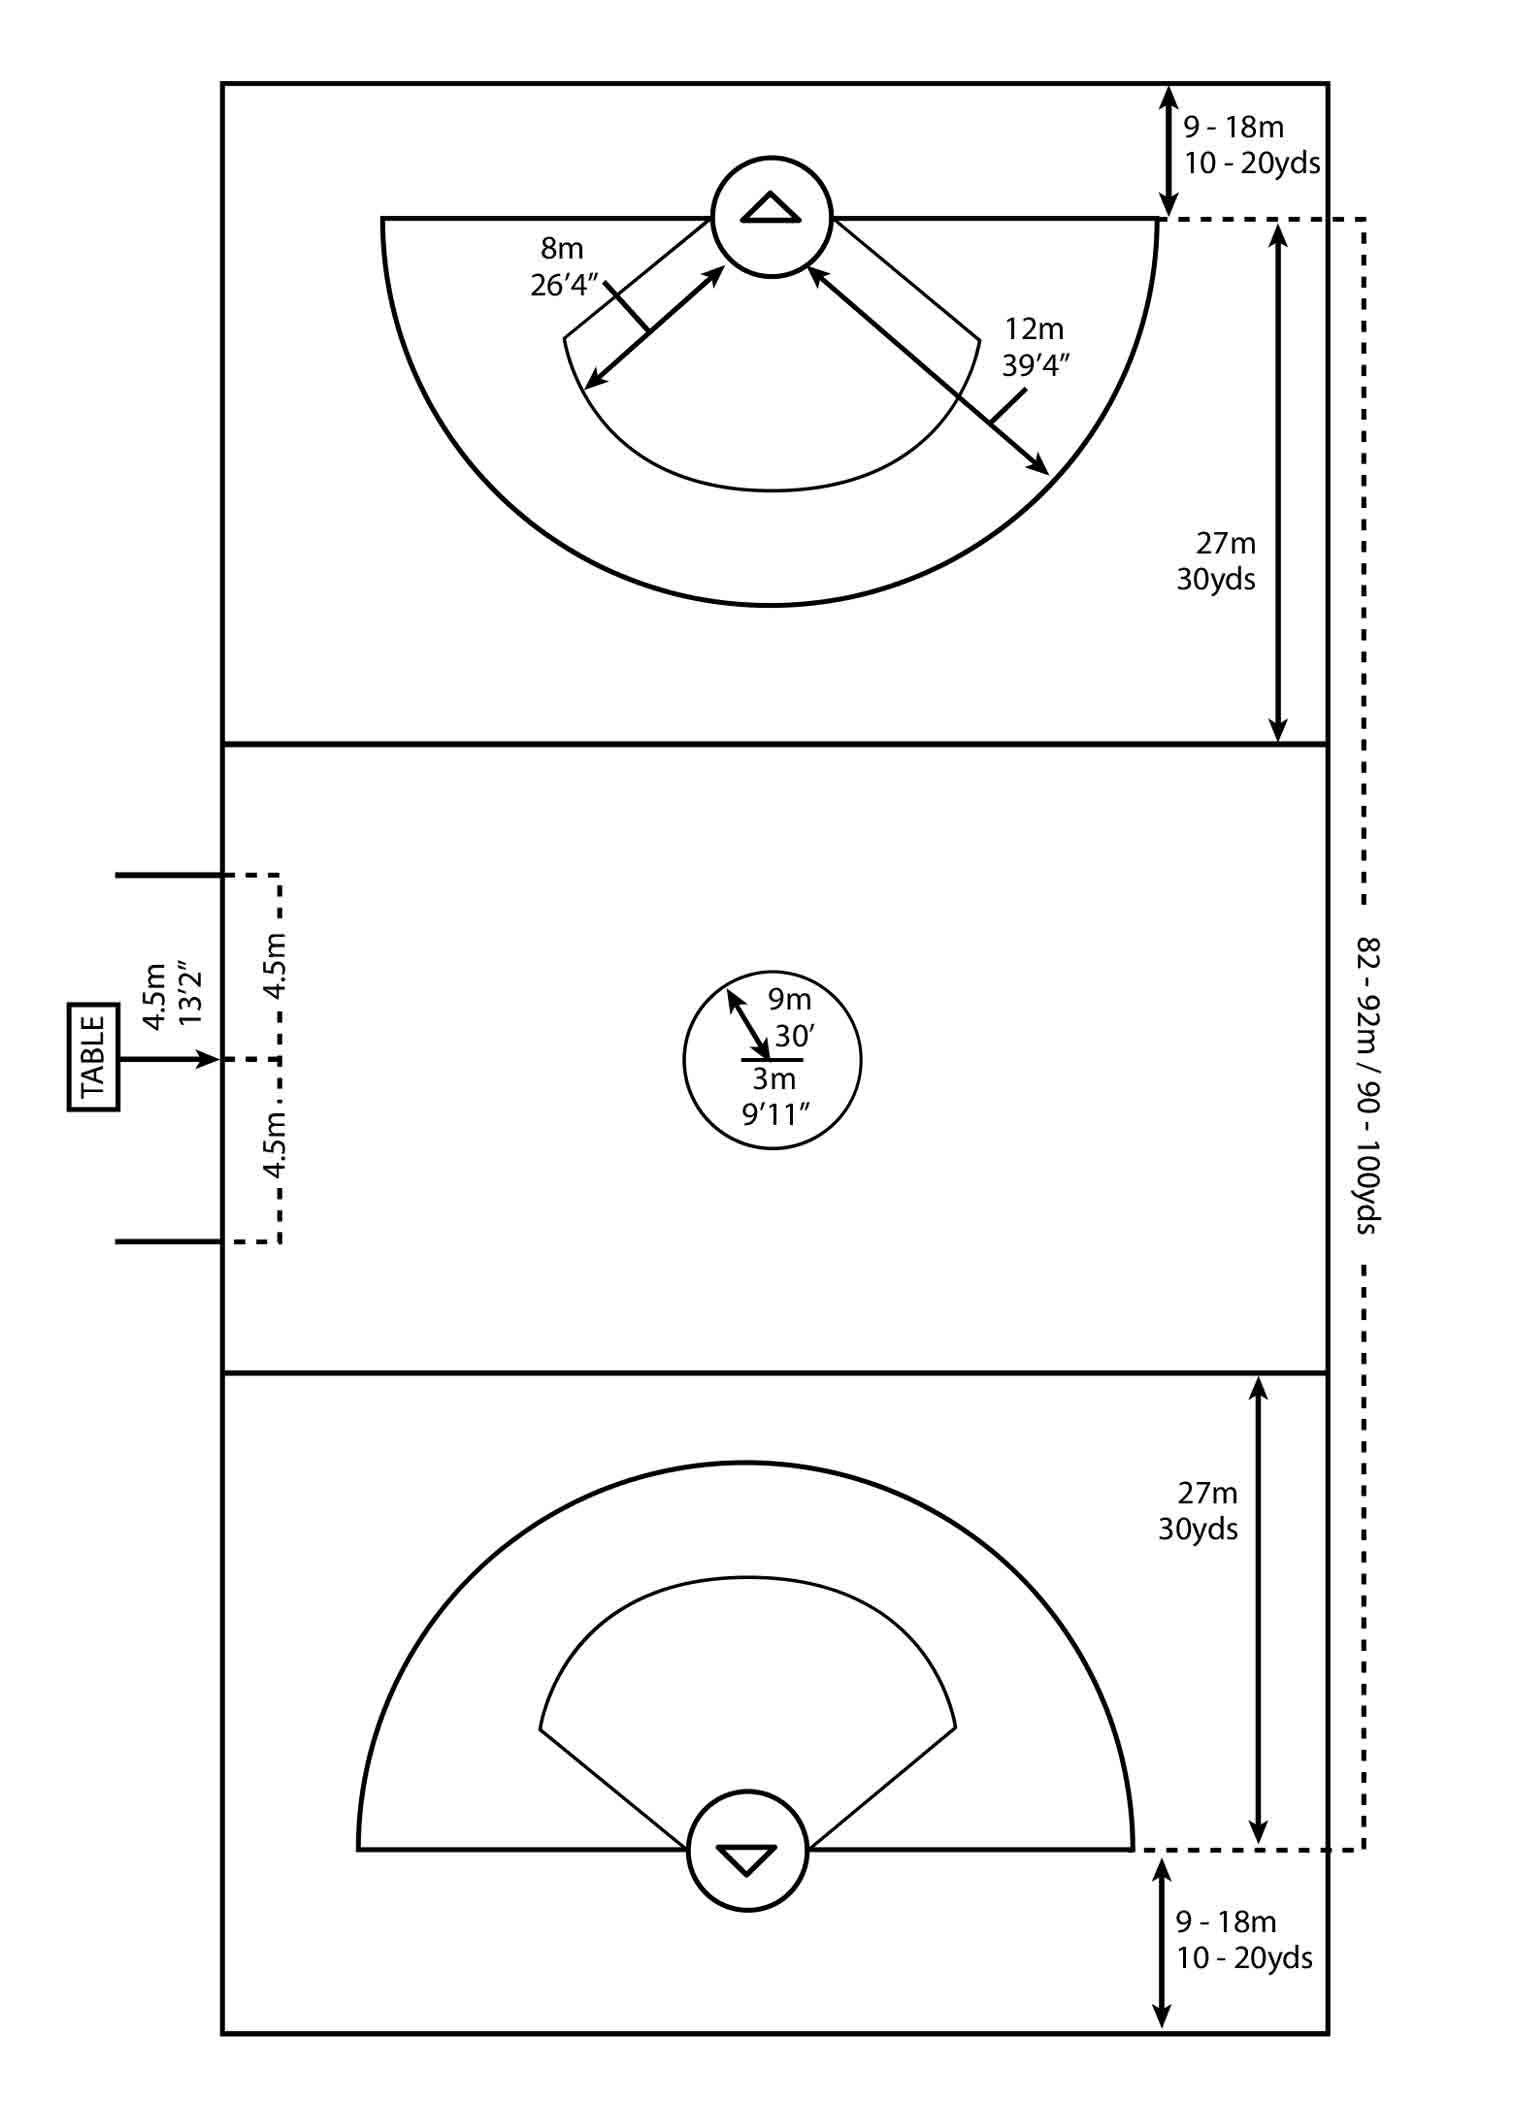 Womens Girls Official Lacrosse Field Diagram